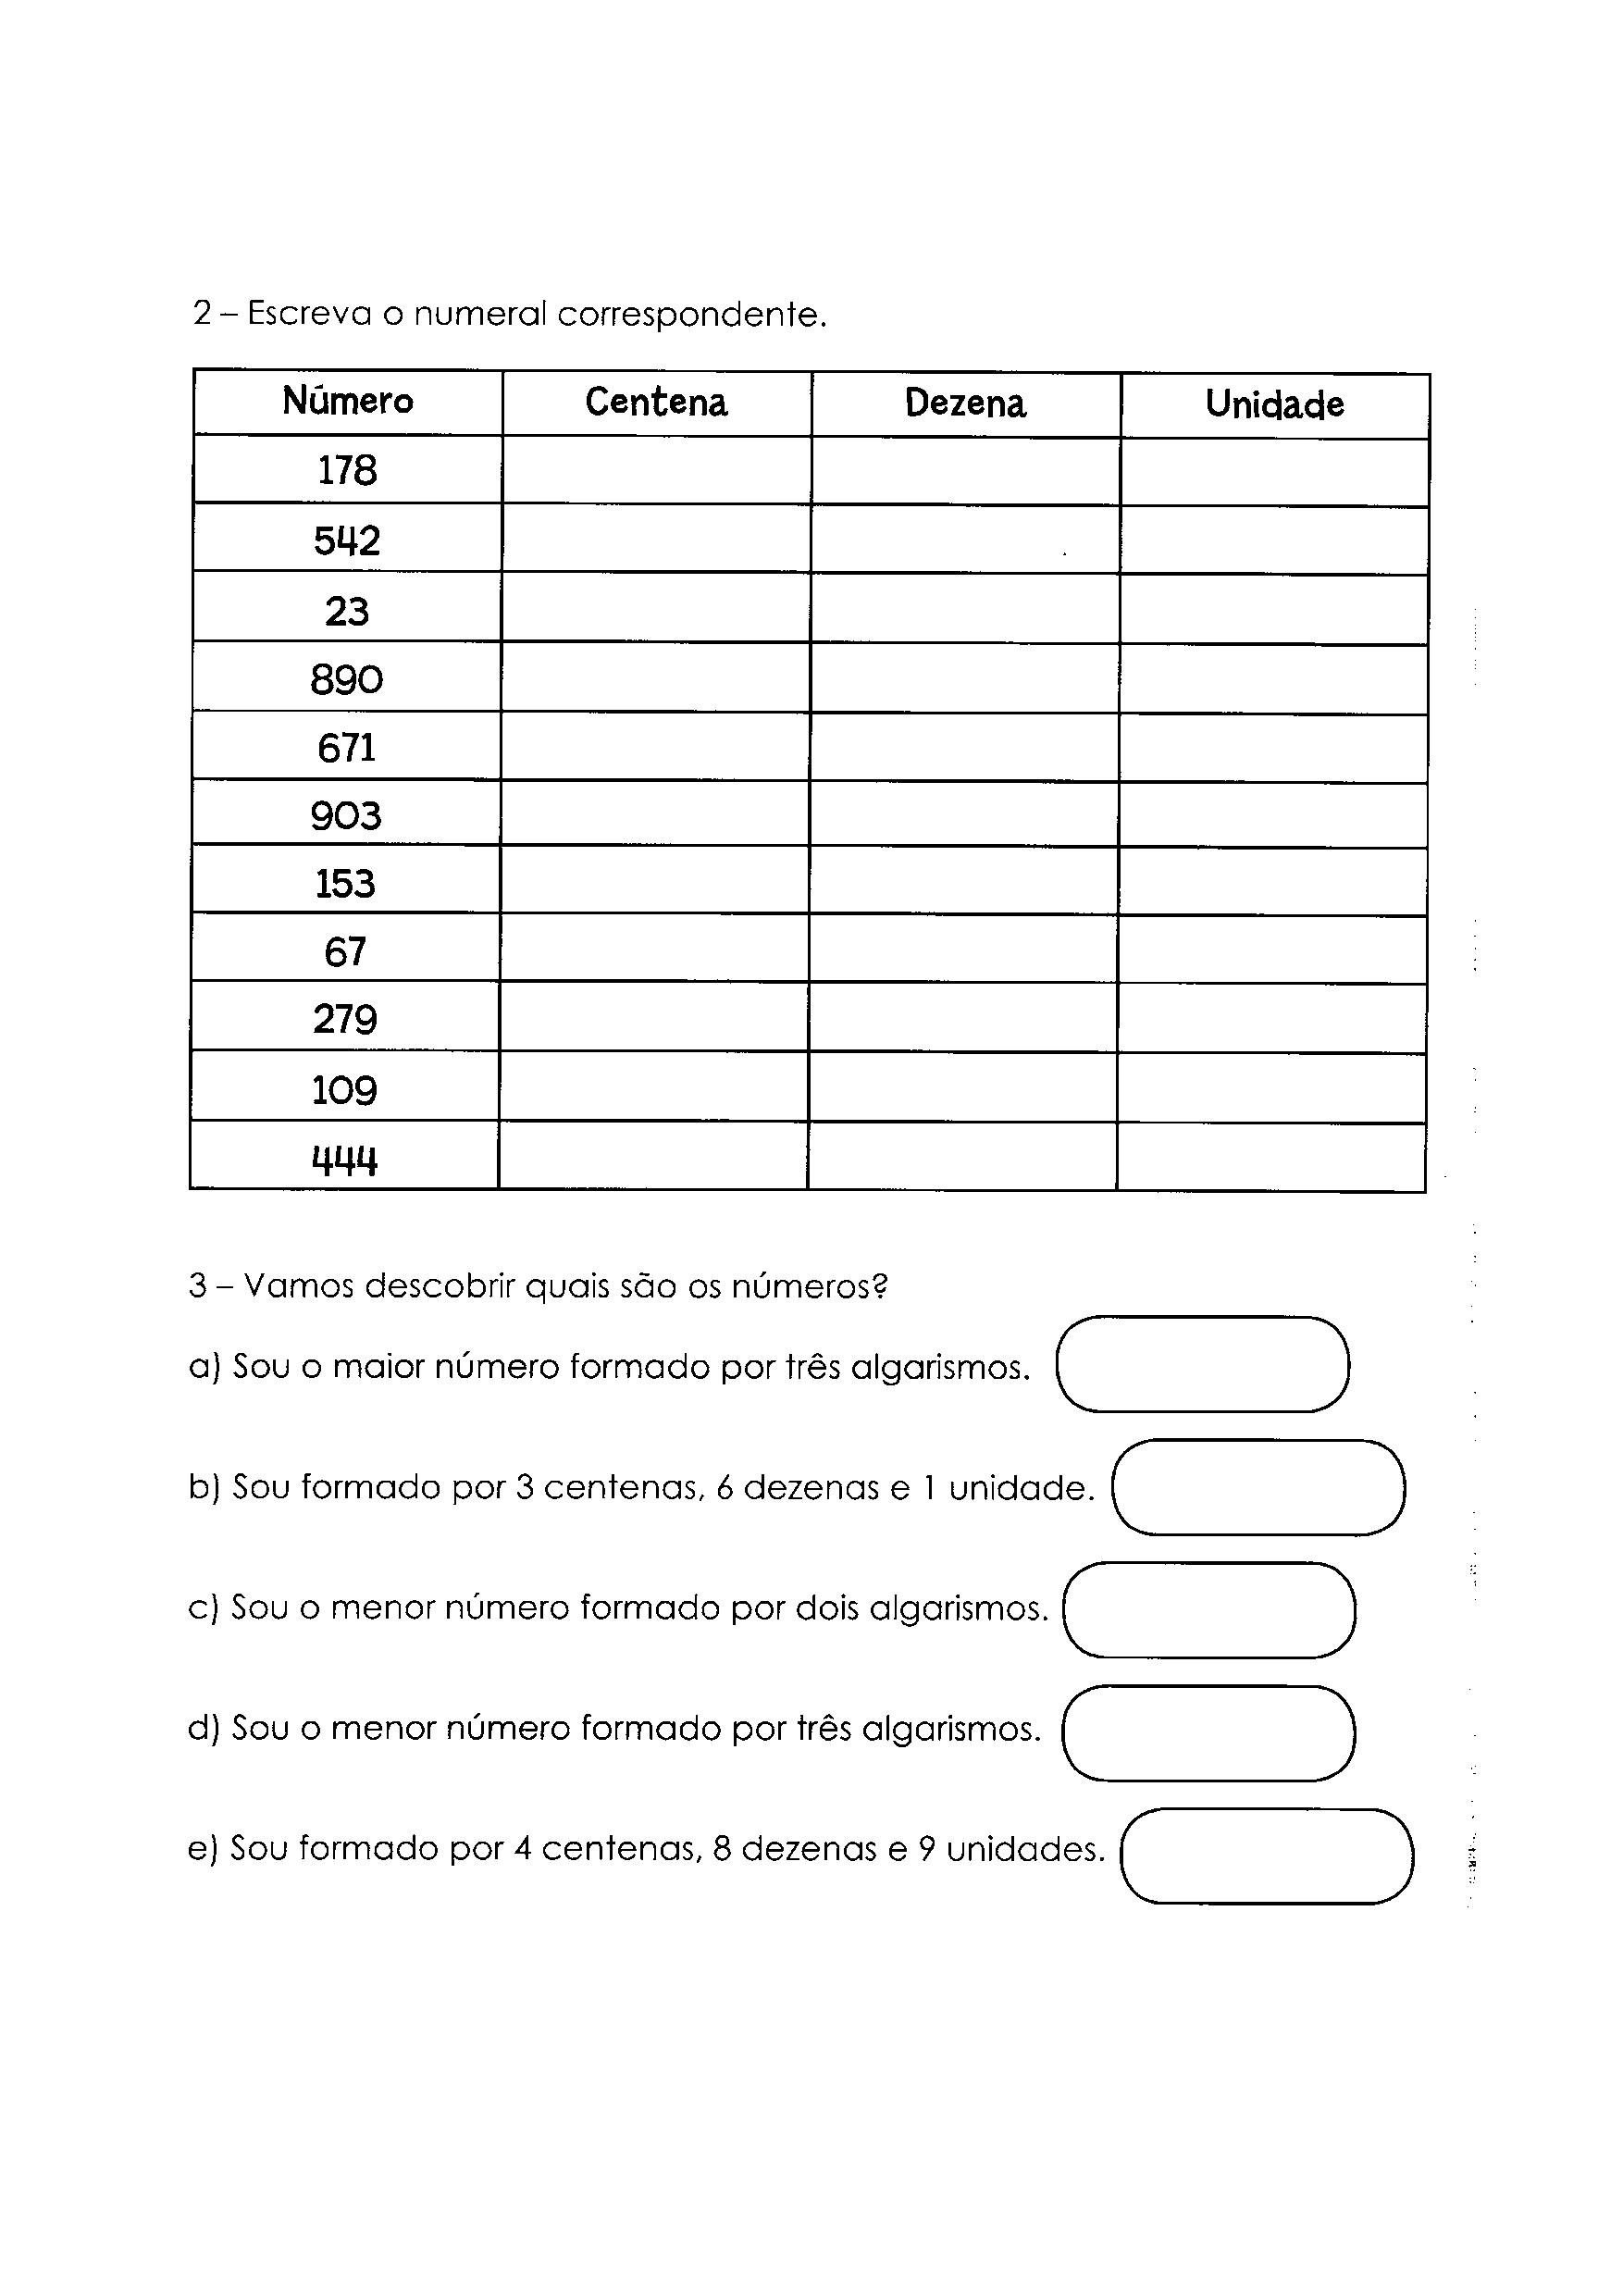 Escrever o numeral correspondente